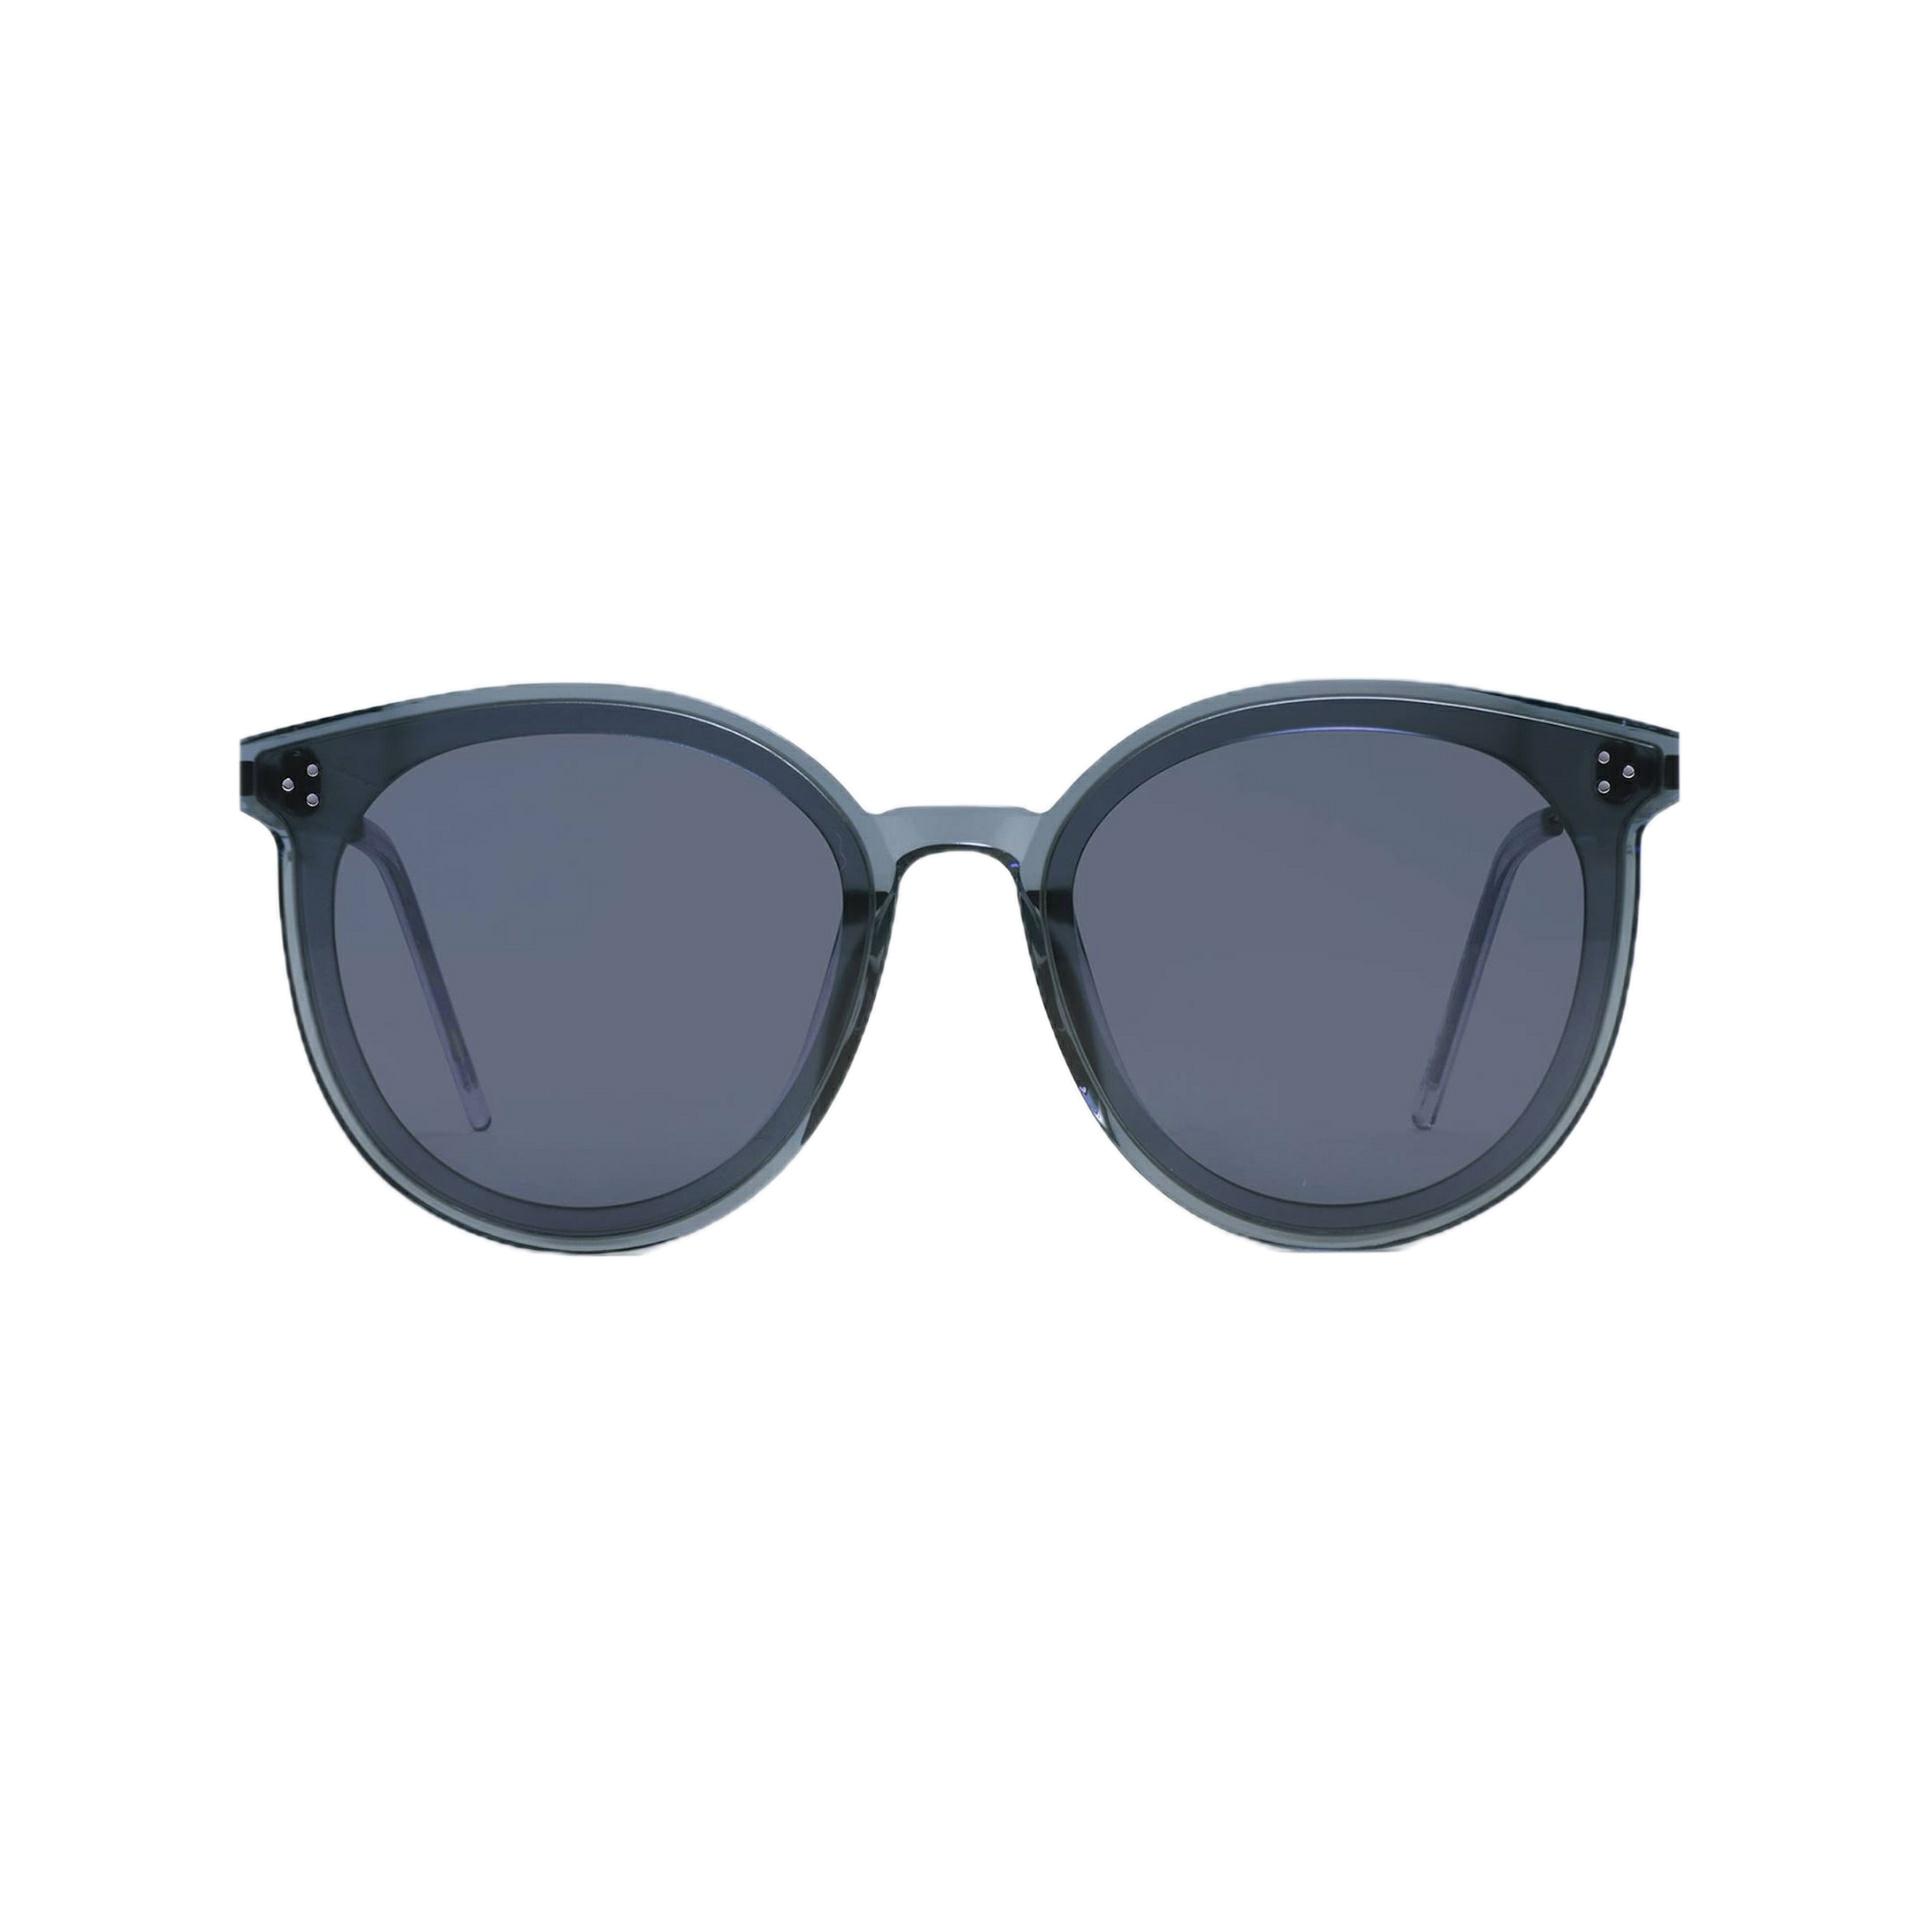 عینک آفتابی جنتل مانستر مدل Jack hi